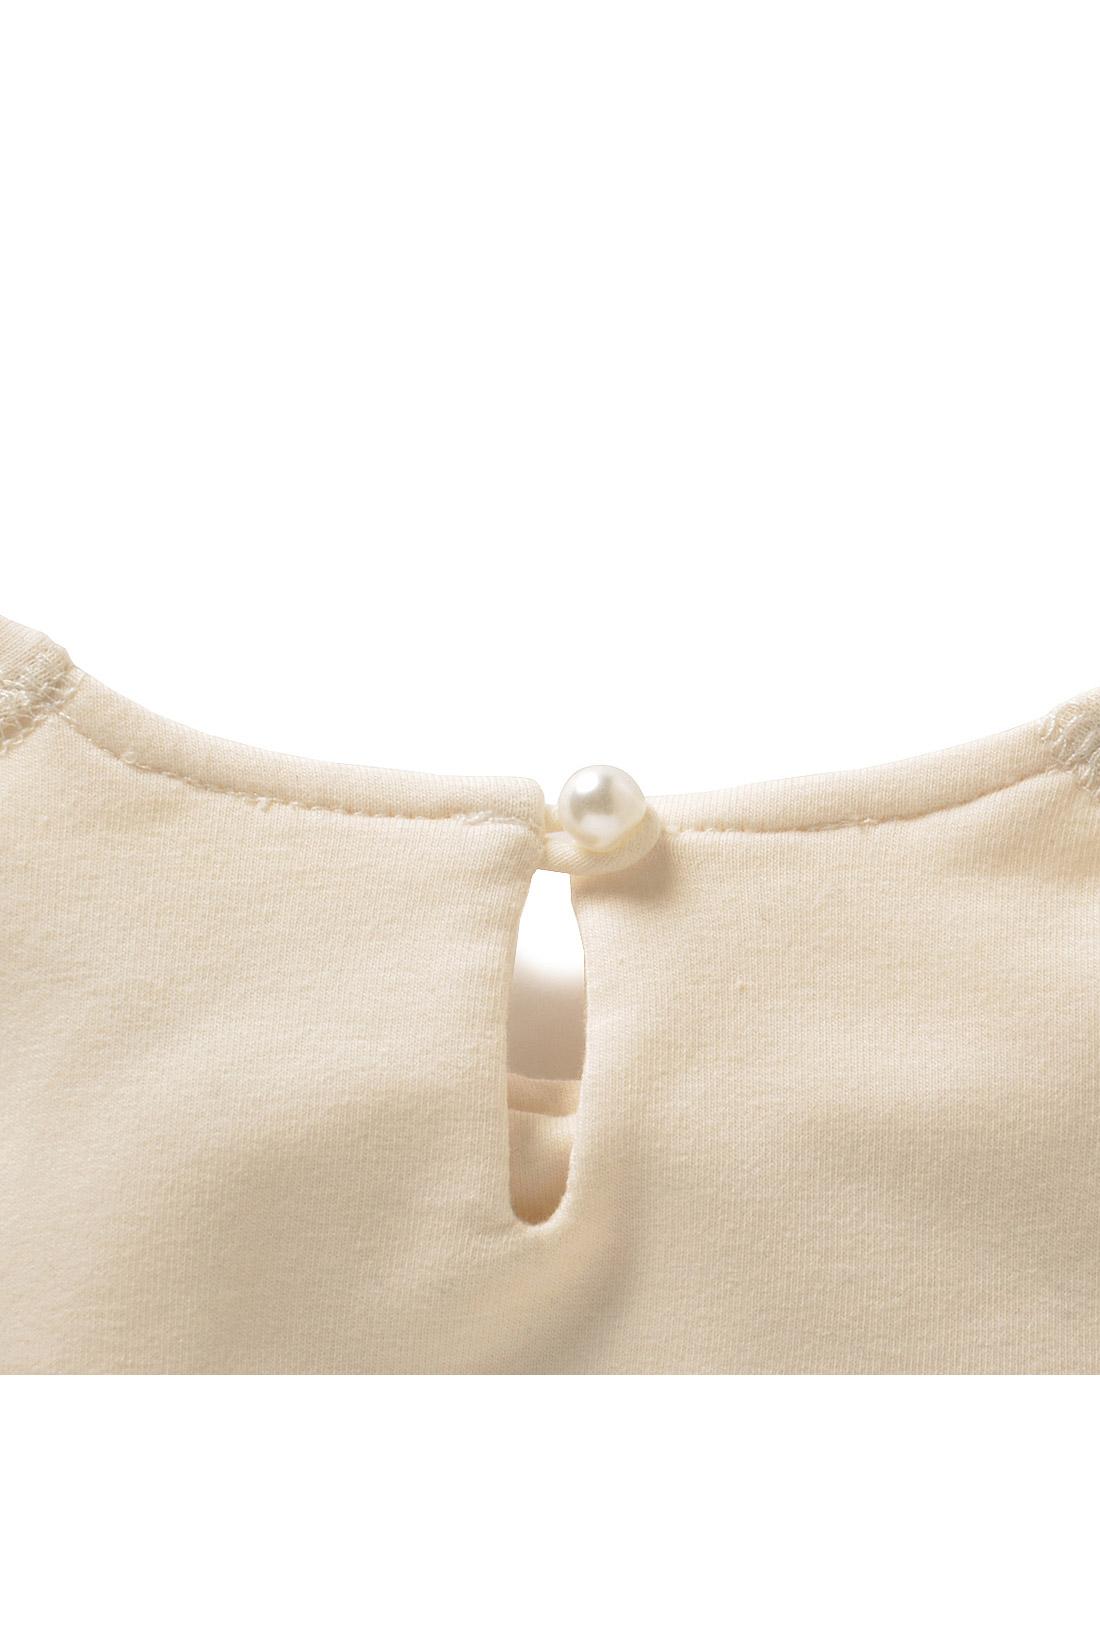 バックスタイルは涙開きのデザインに、パール調ボタンで女らしさアップ。